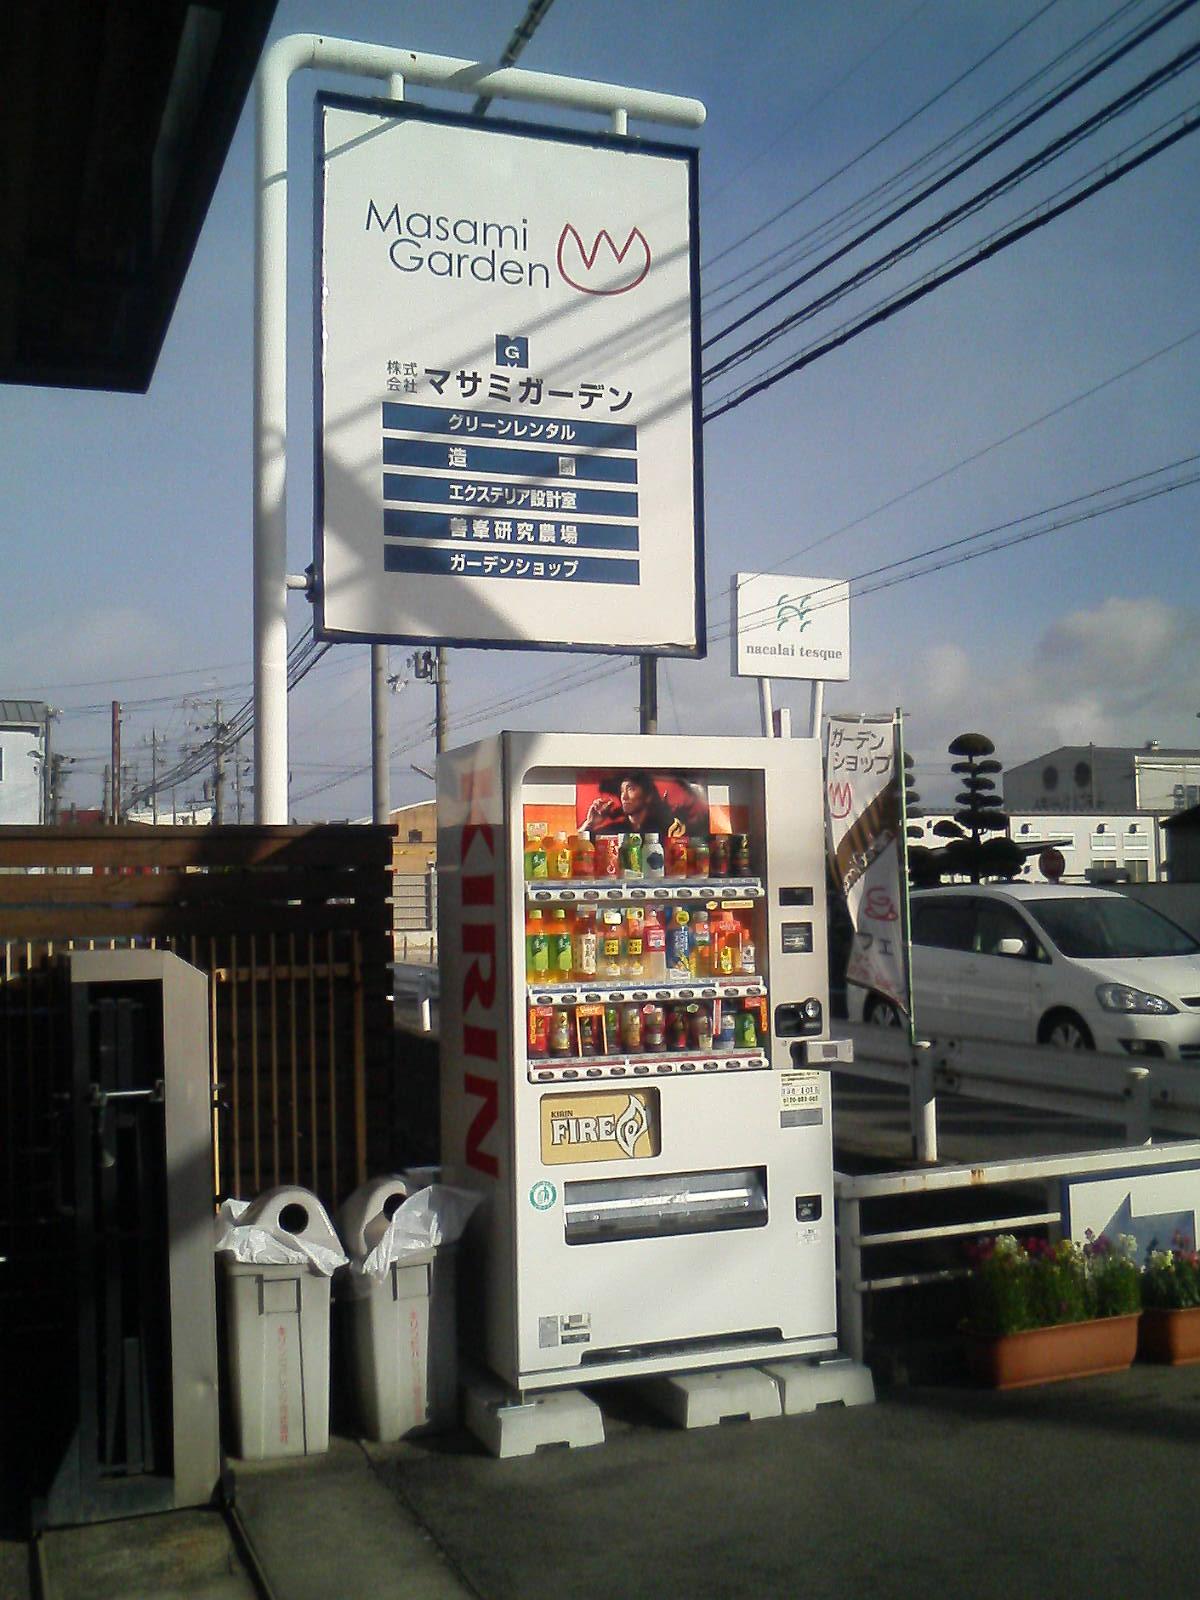 京都府 向日市マサミガーデン付近は雪 _e0128446_15551612.jpg